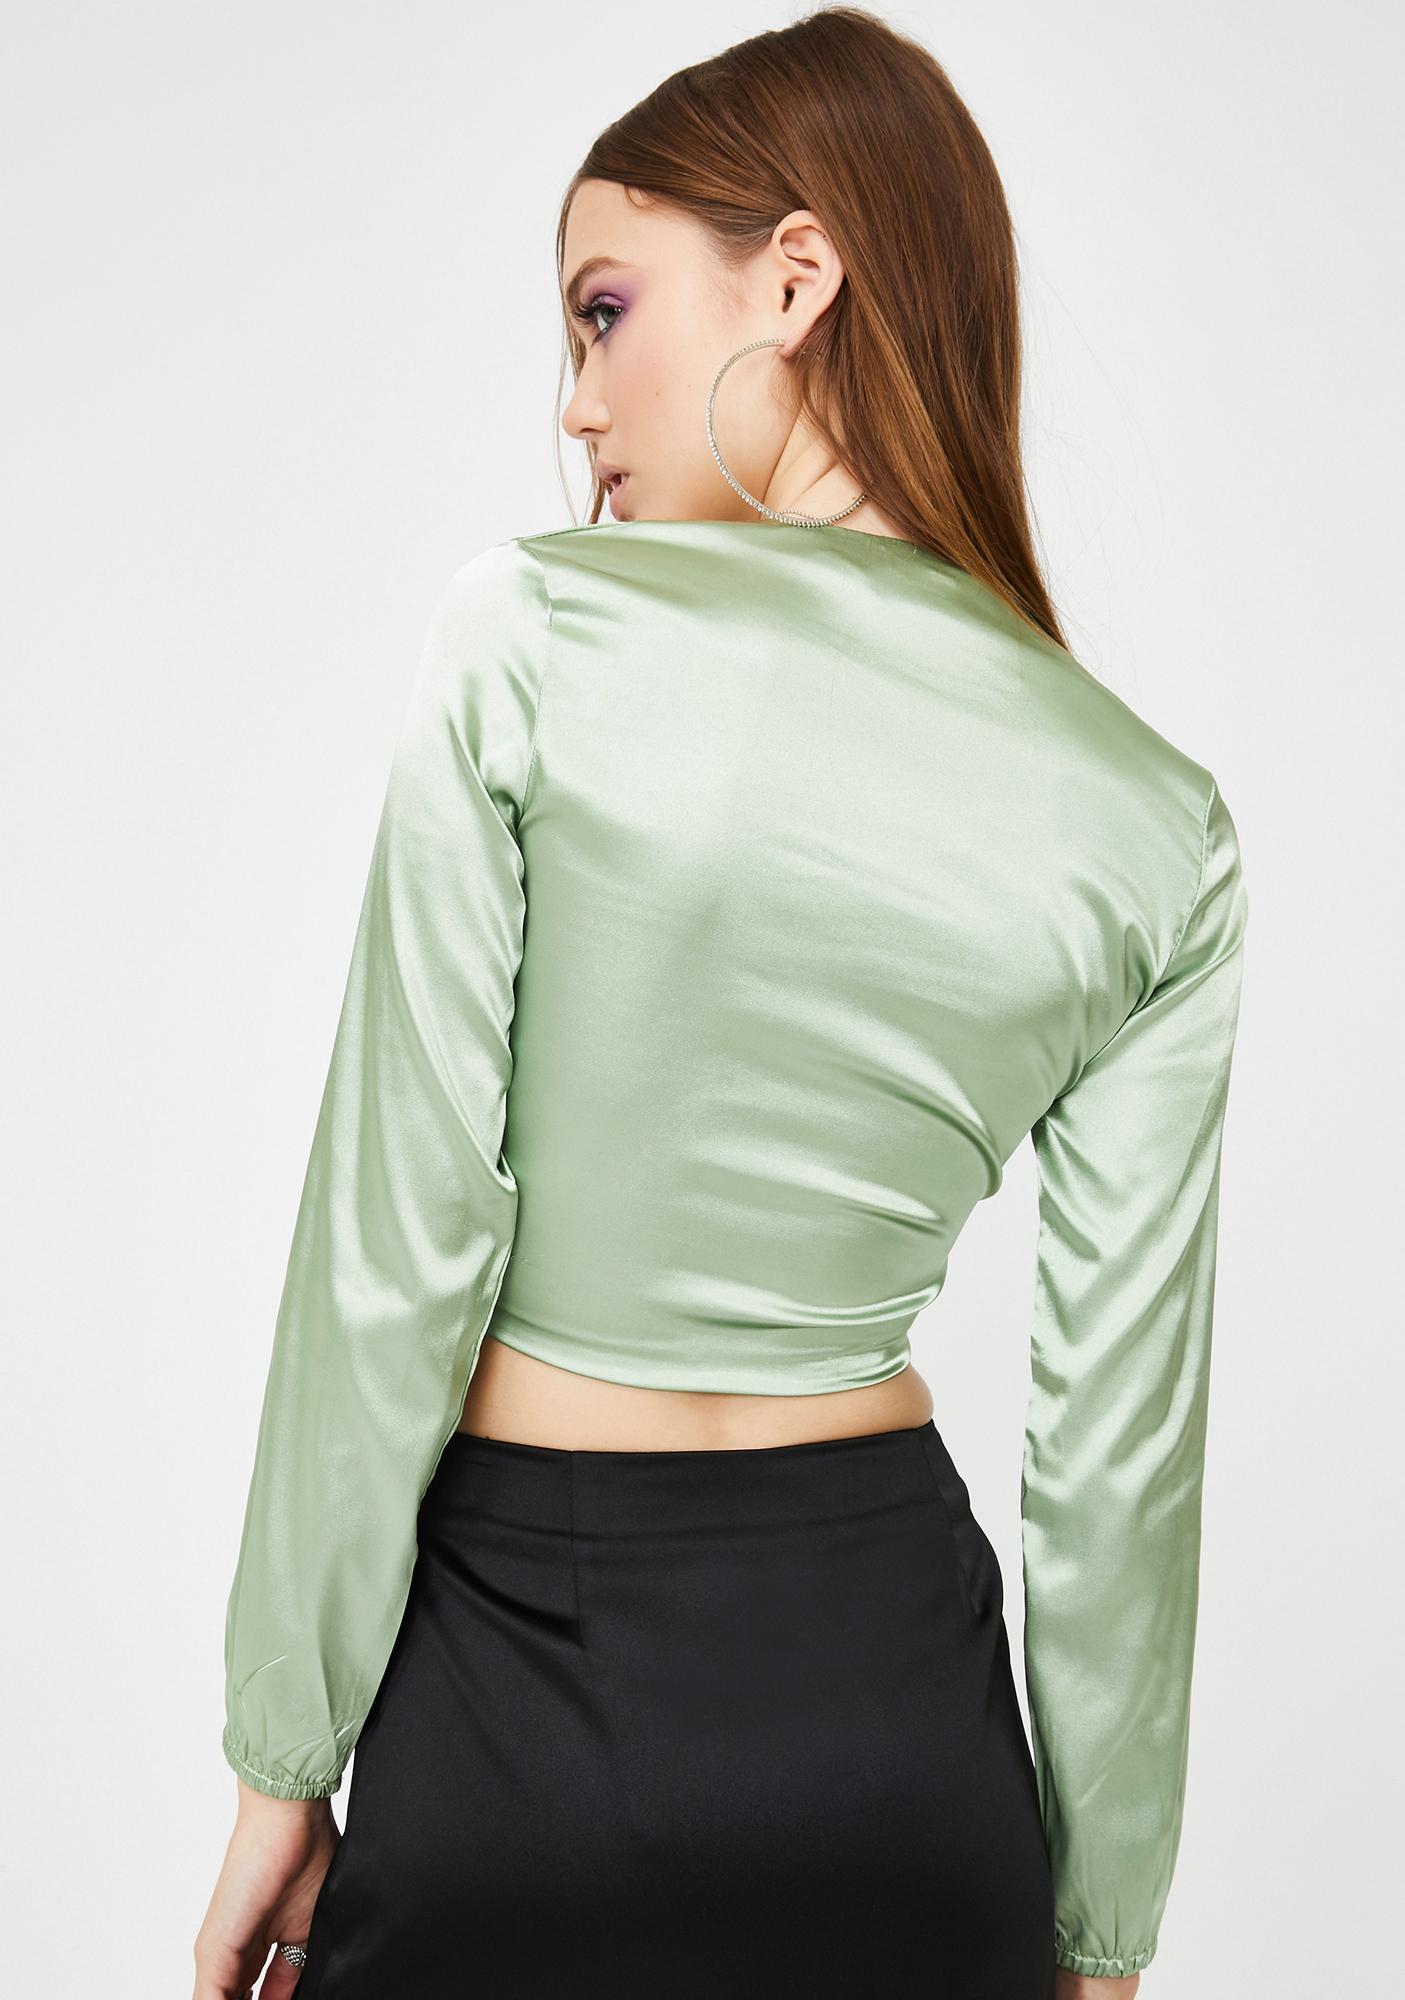 ZEMETA Mint Silk Swirl Crop Top